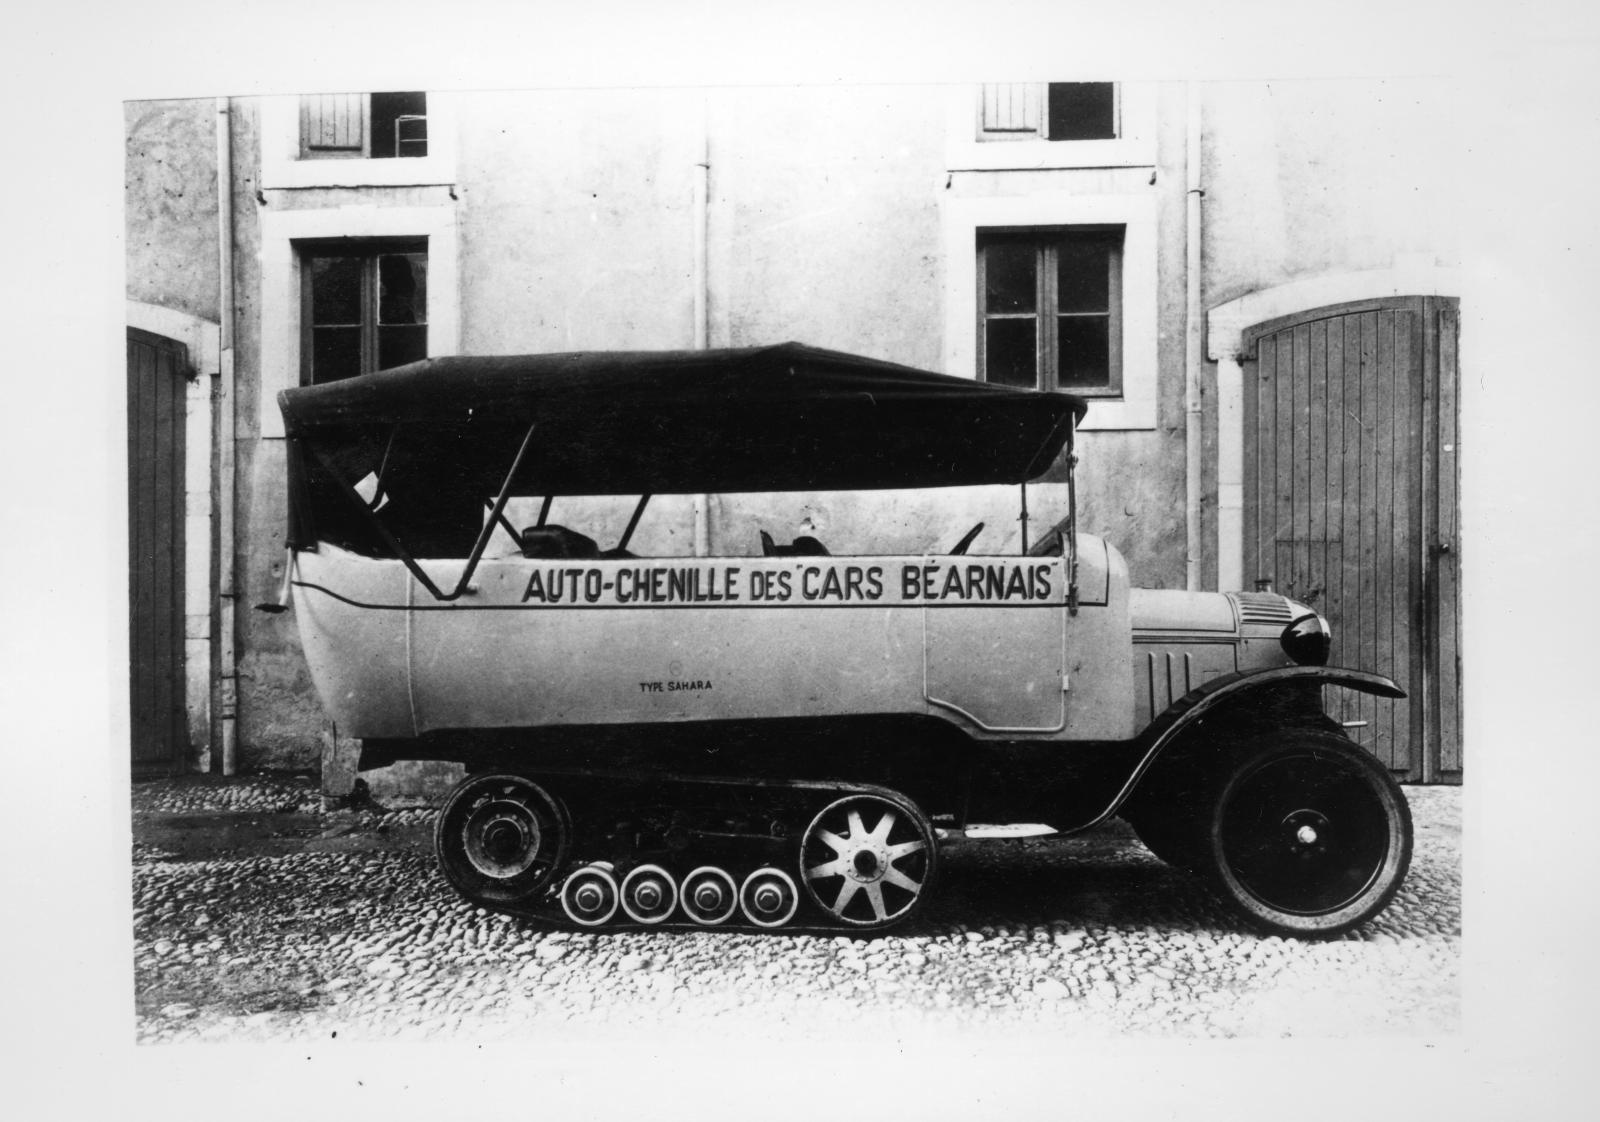 Type K1 - Autochenille des Cars Béarnais